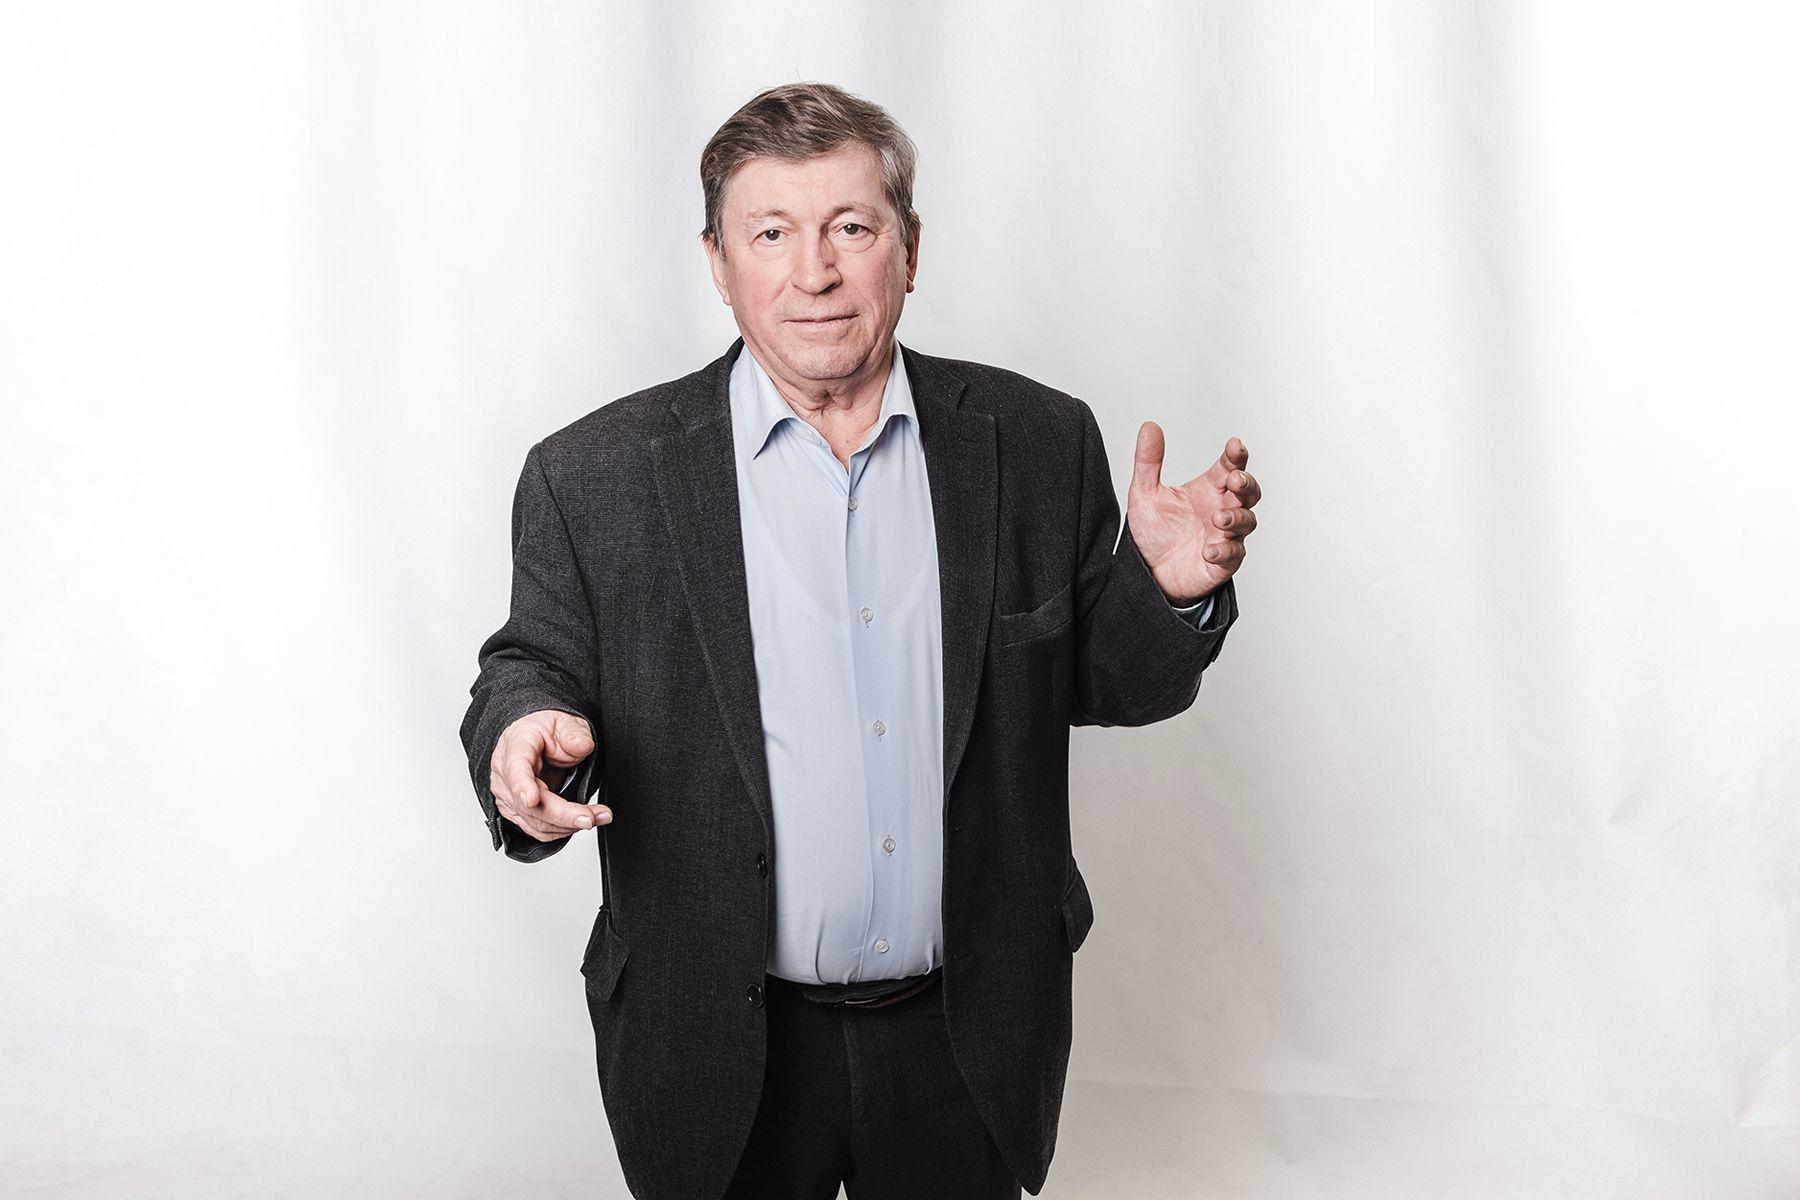 Поздравление профессору Александру Латкину с 75-летним юбилеем от ректора и президента ВГУЭС